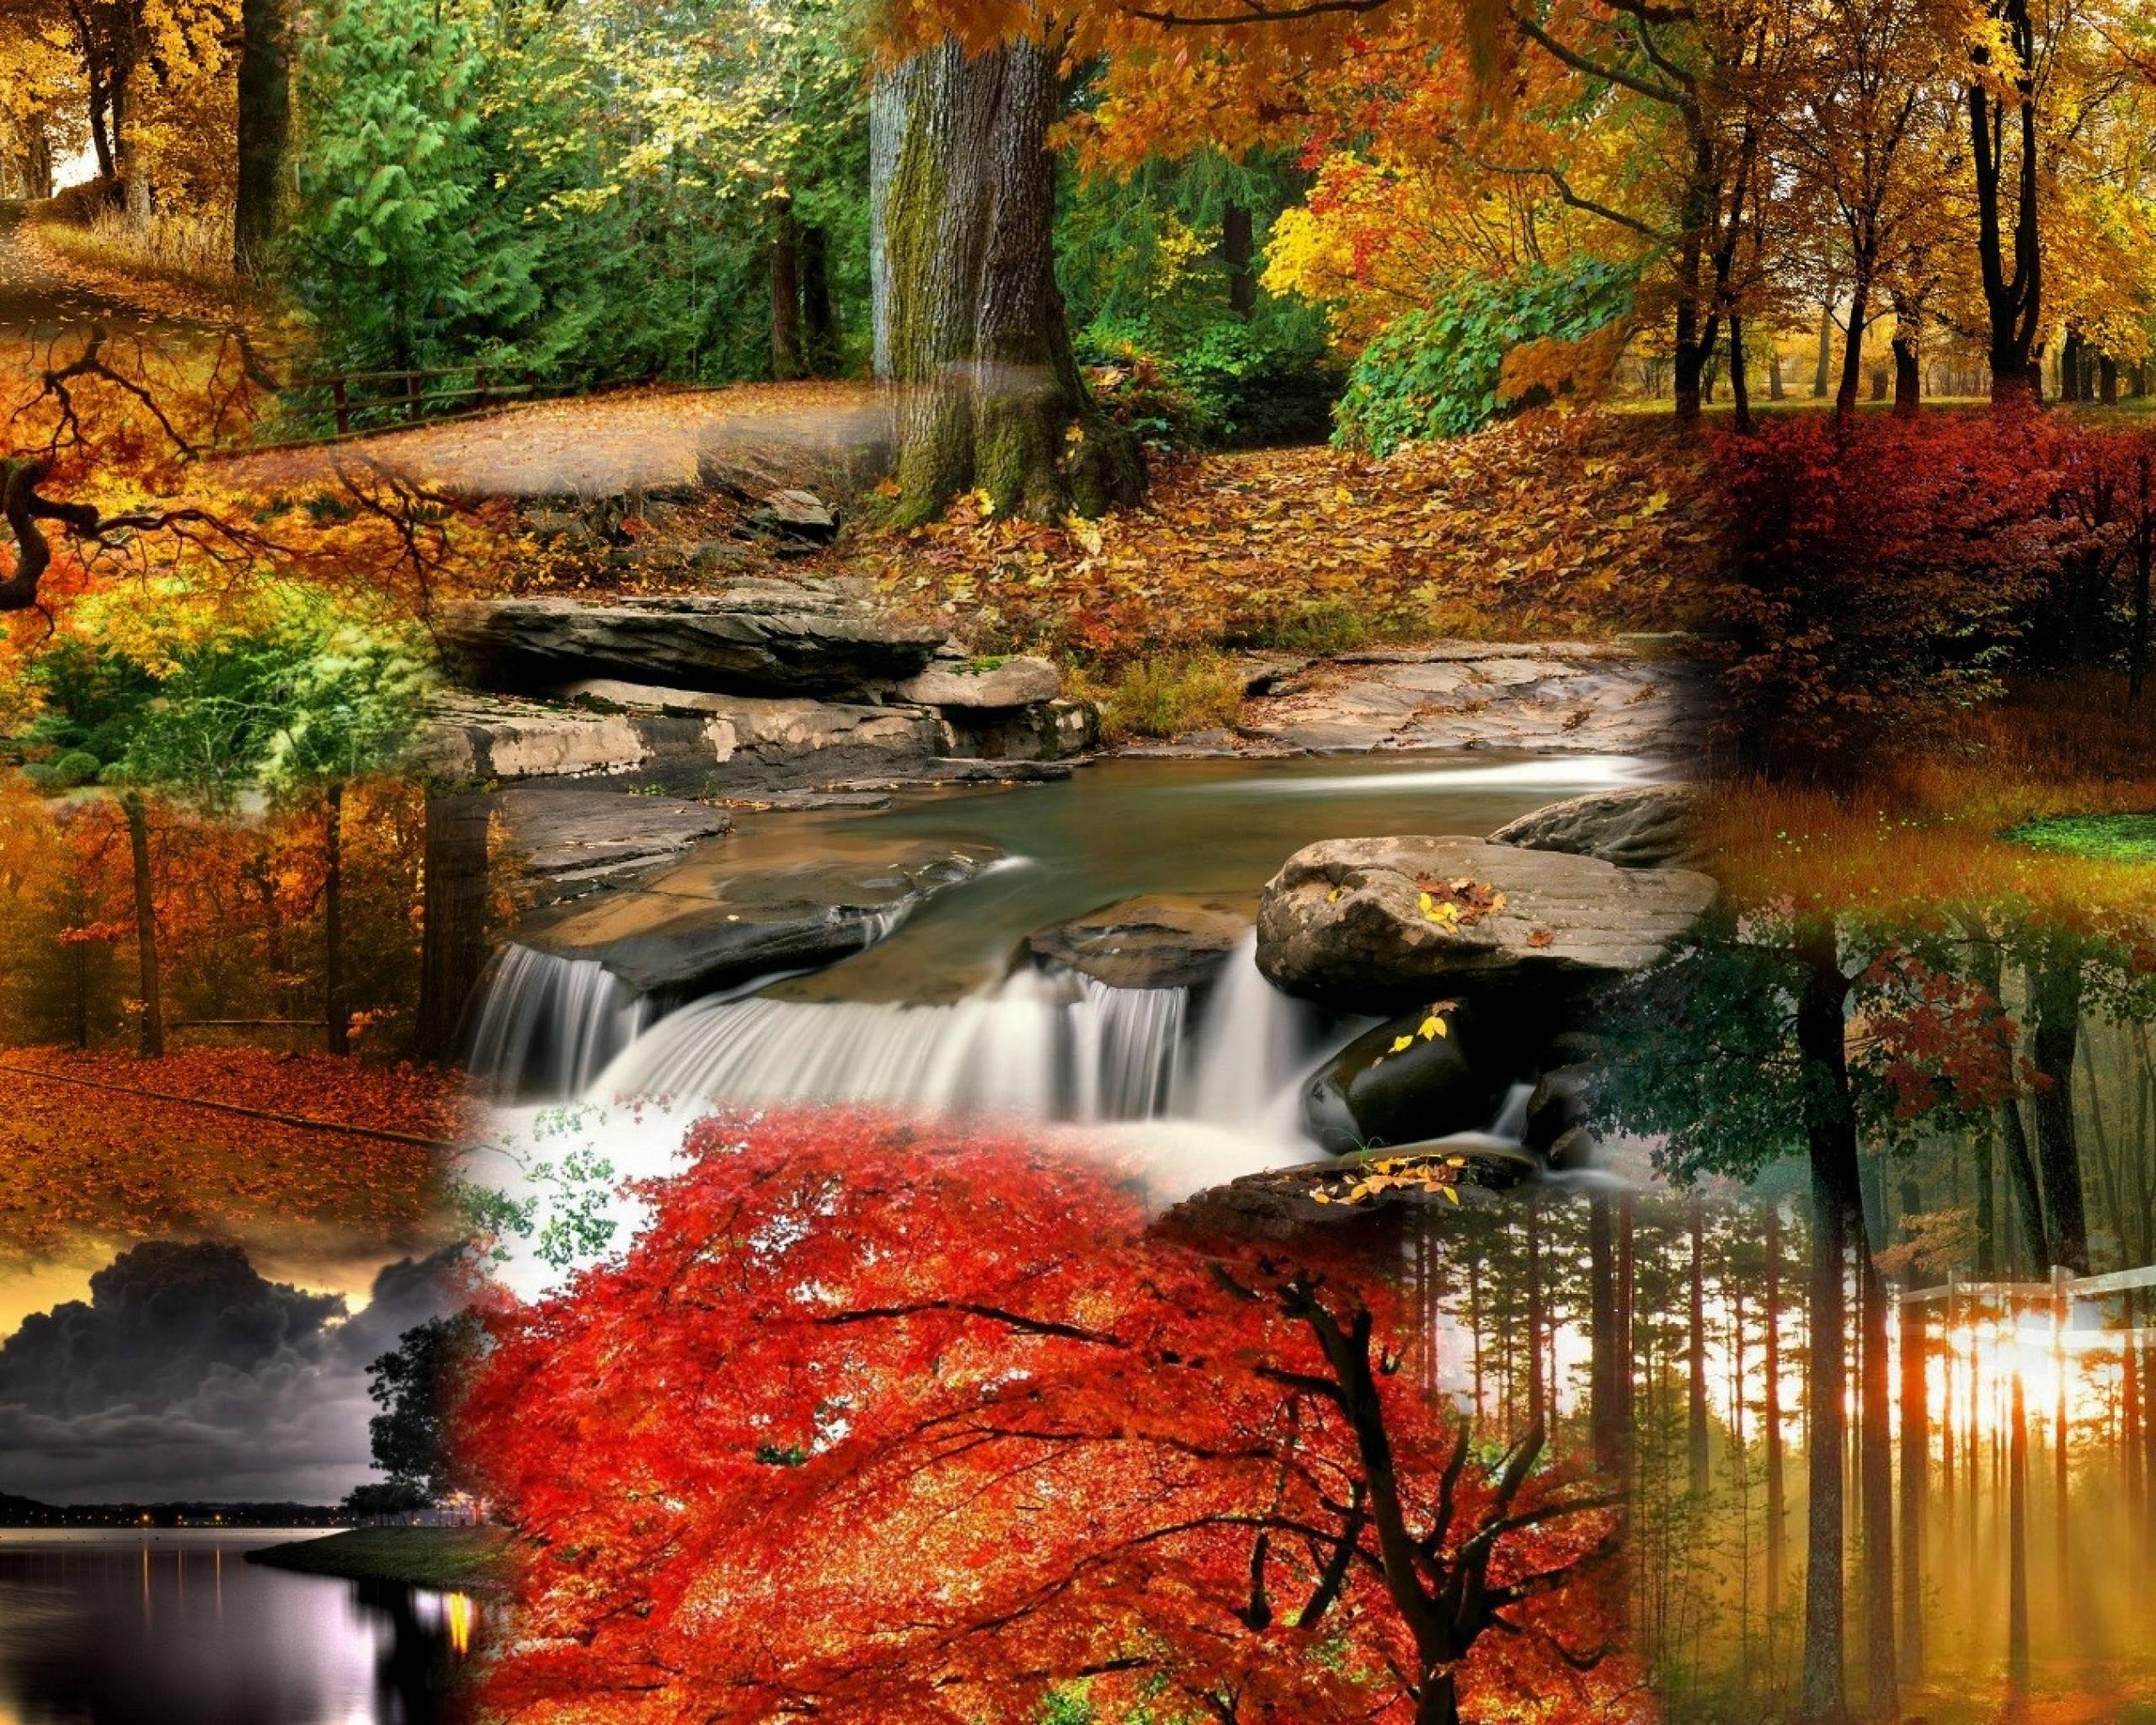 Fall Free Desktop Wallpapers - Wallpaper Cave